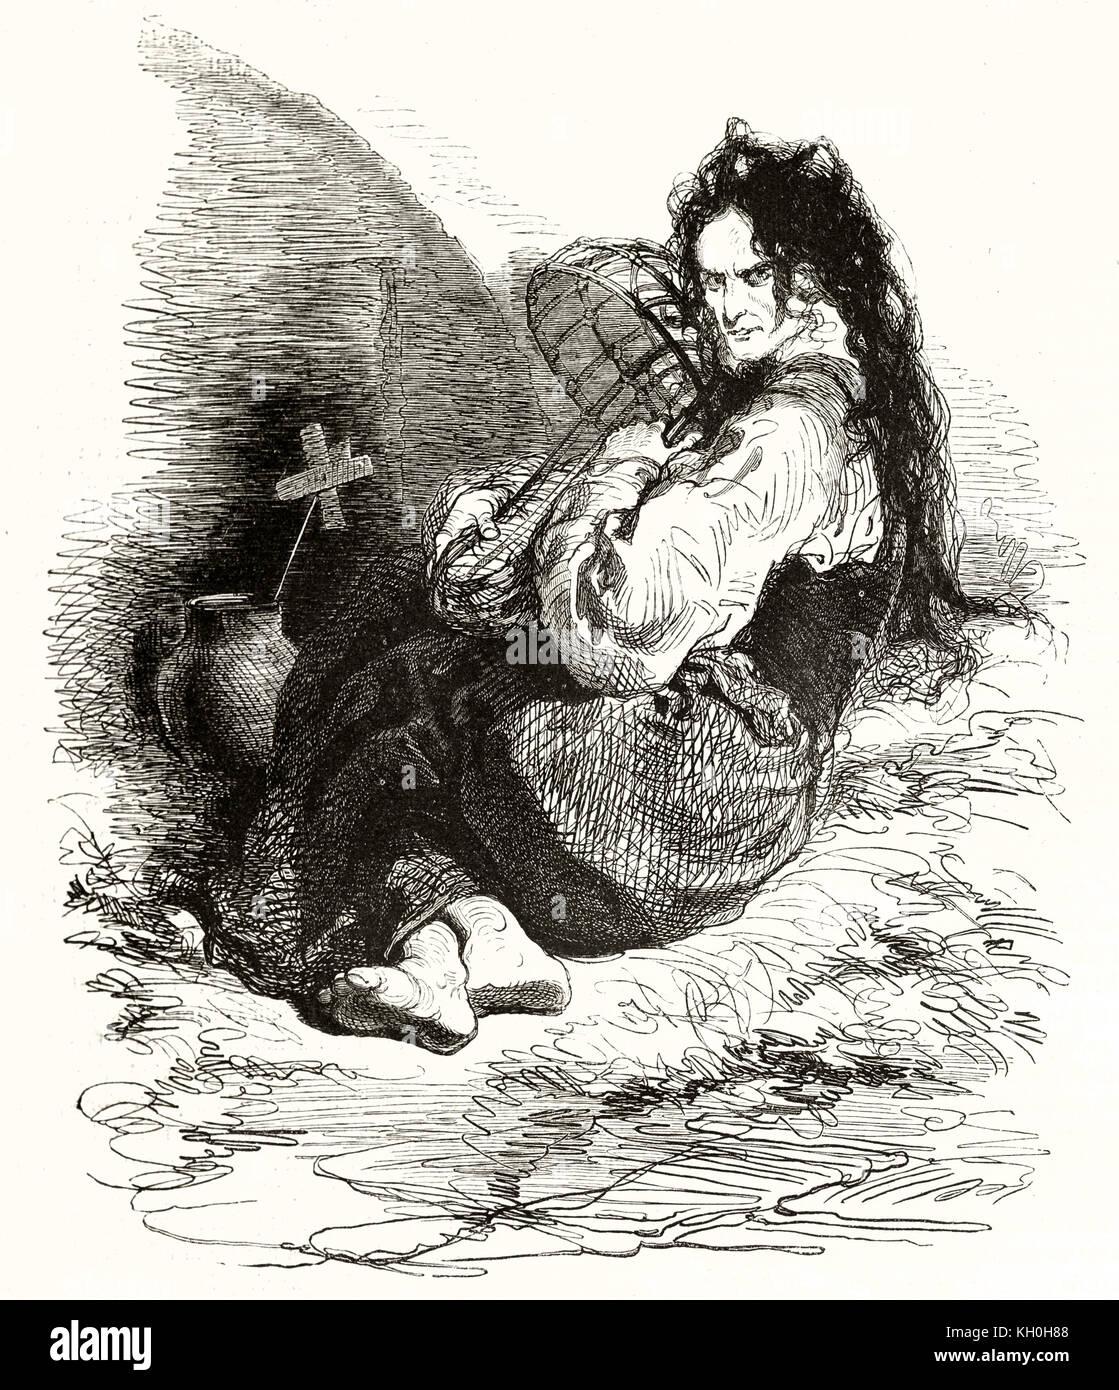 Alte Illustration, Geisteskranke und Kis Baby. Von Gavarni, Publ. Auf Magasin Pittoresque, Paris, 1847 Stockbild